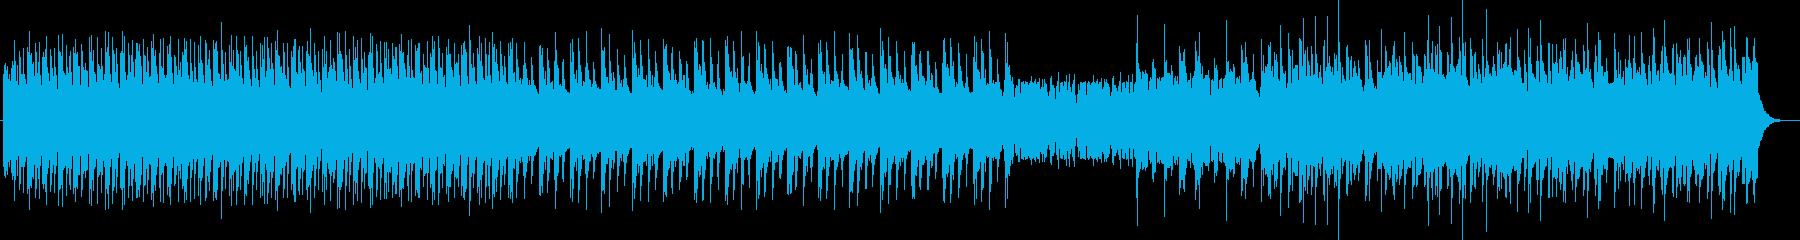 速い暴走した時のロック曲の再生済みの波形